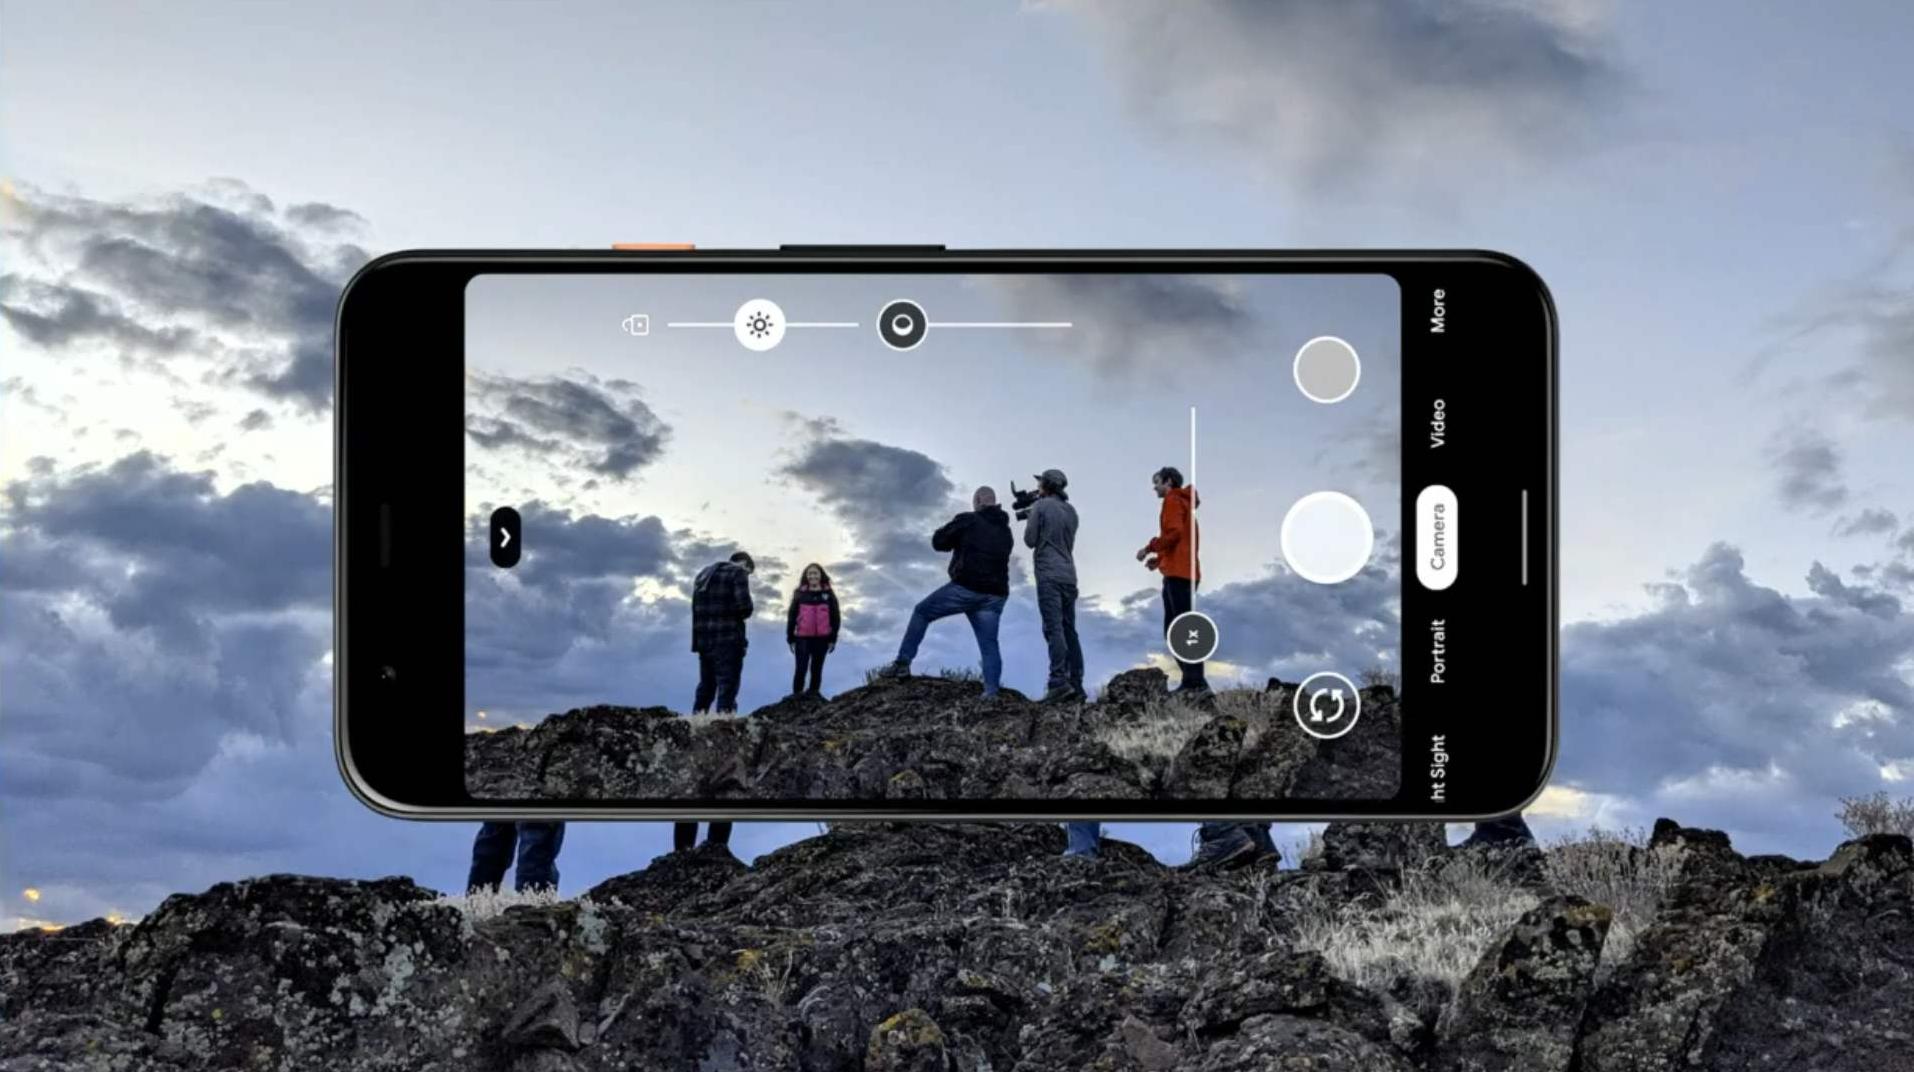 معاينات HDR + المباشرة والتحكم في التعرض المزدوج ستكون حصريًا فقط لهواتف بكسل 4